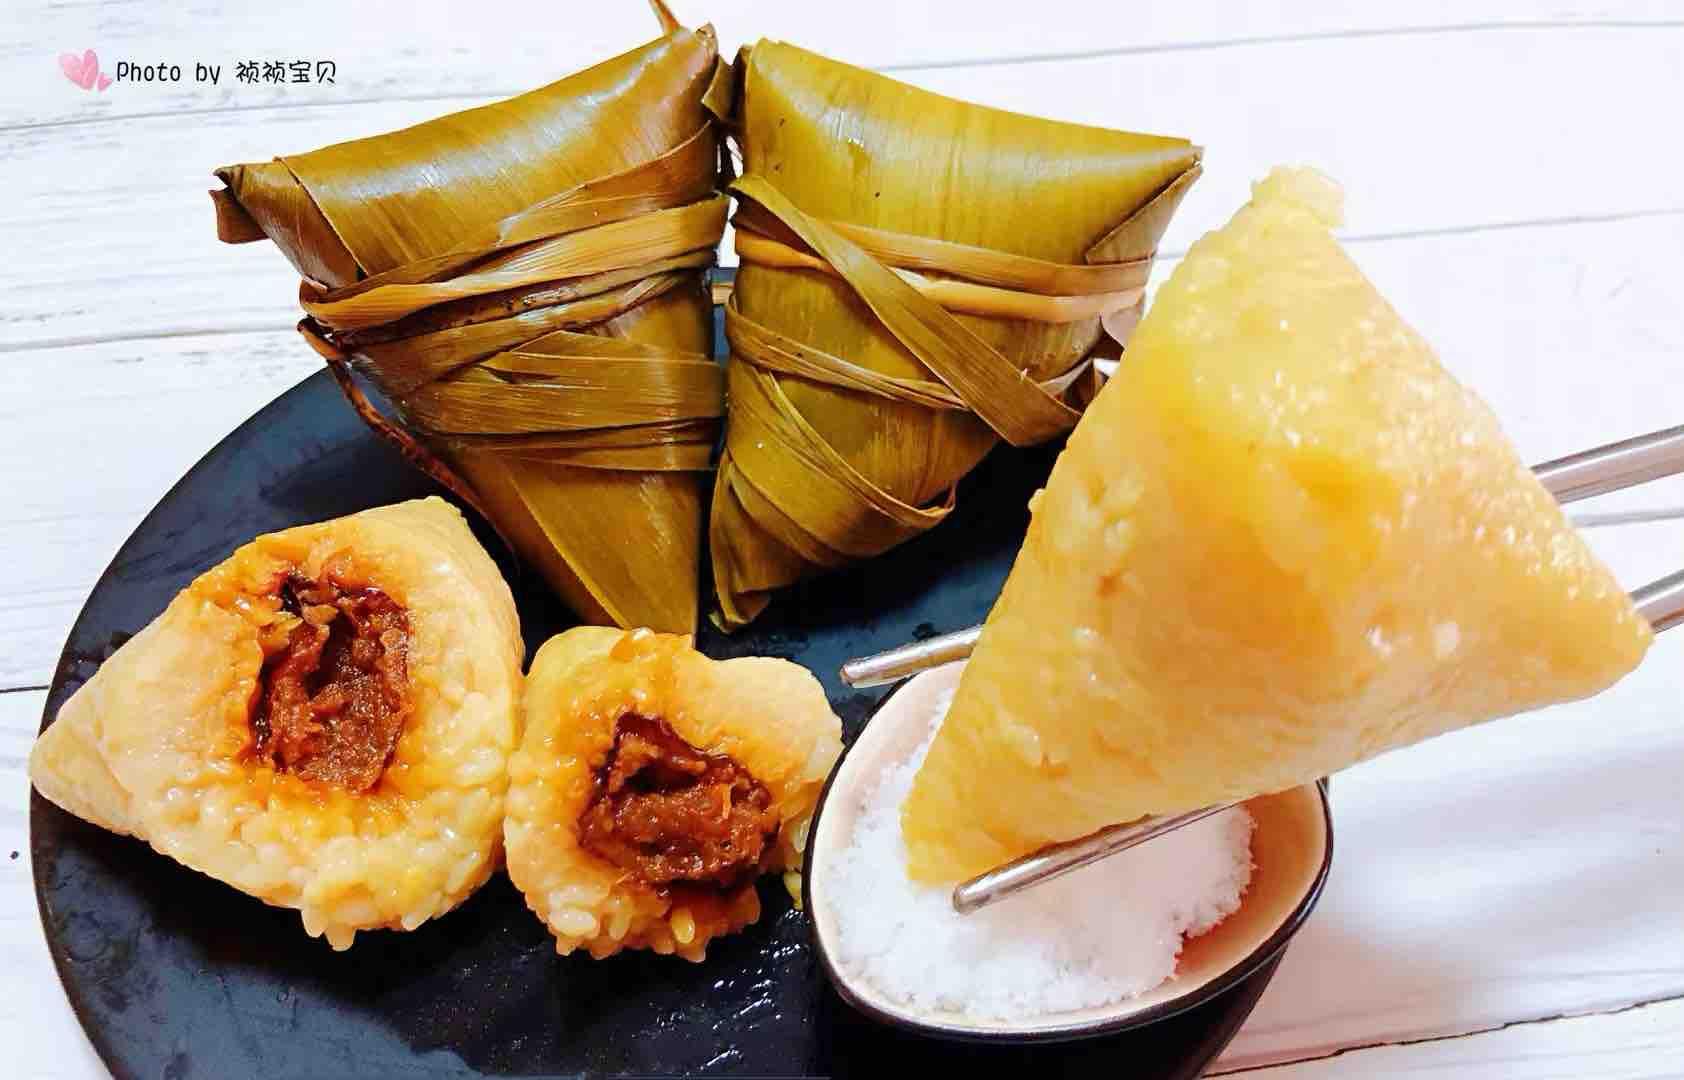 大枣糯米粽的制作方法